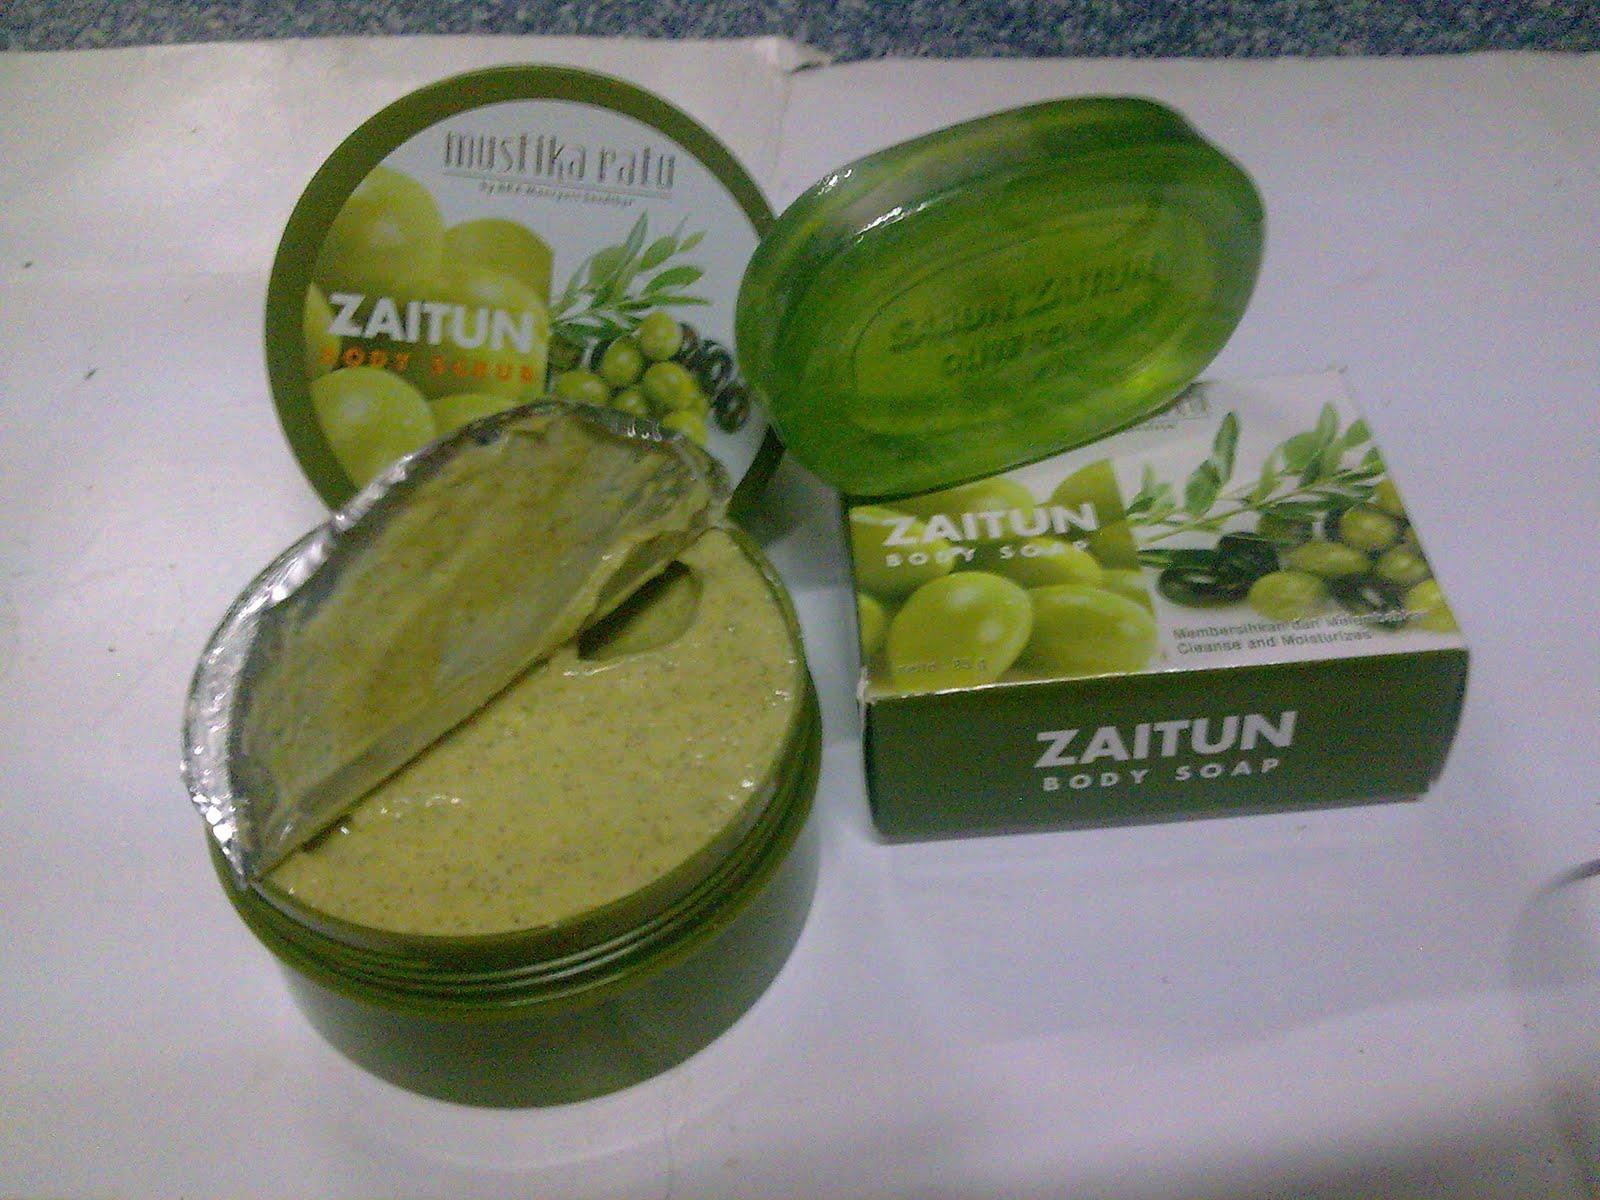 AzzHsna Zaitun Body Care